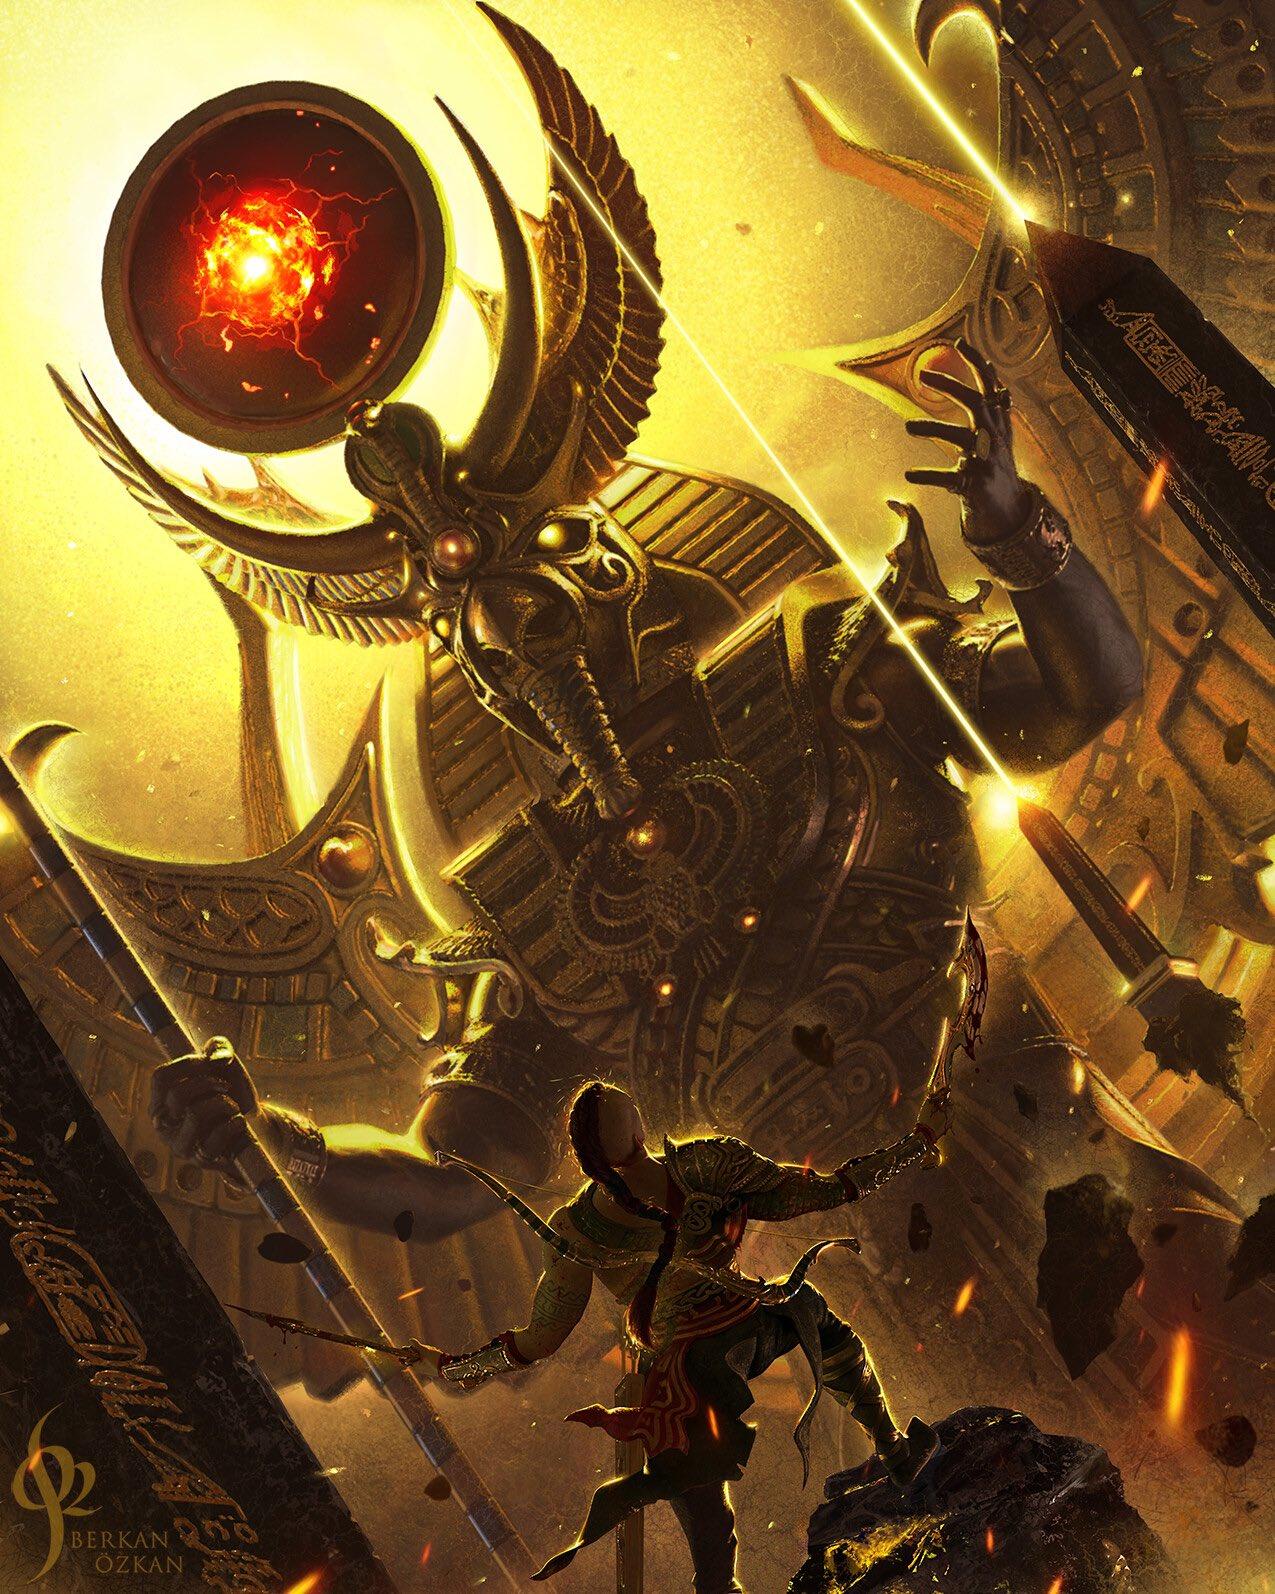 粉丝绘制《战神6》艺术图 奎爷霸气大战埃及神插图5